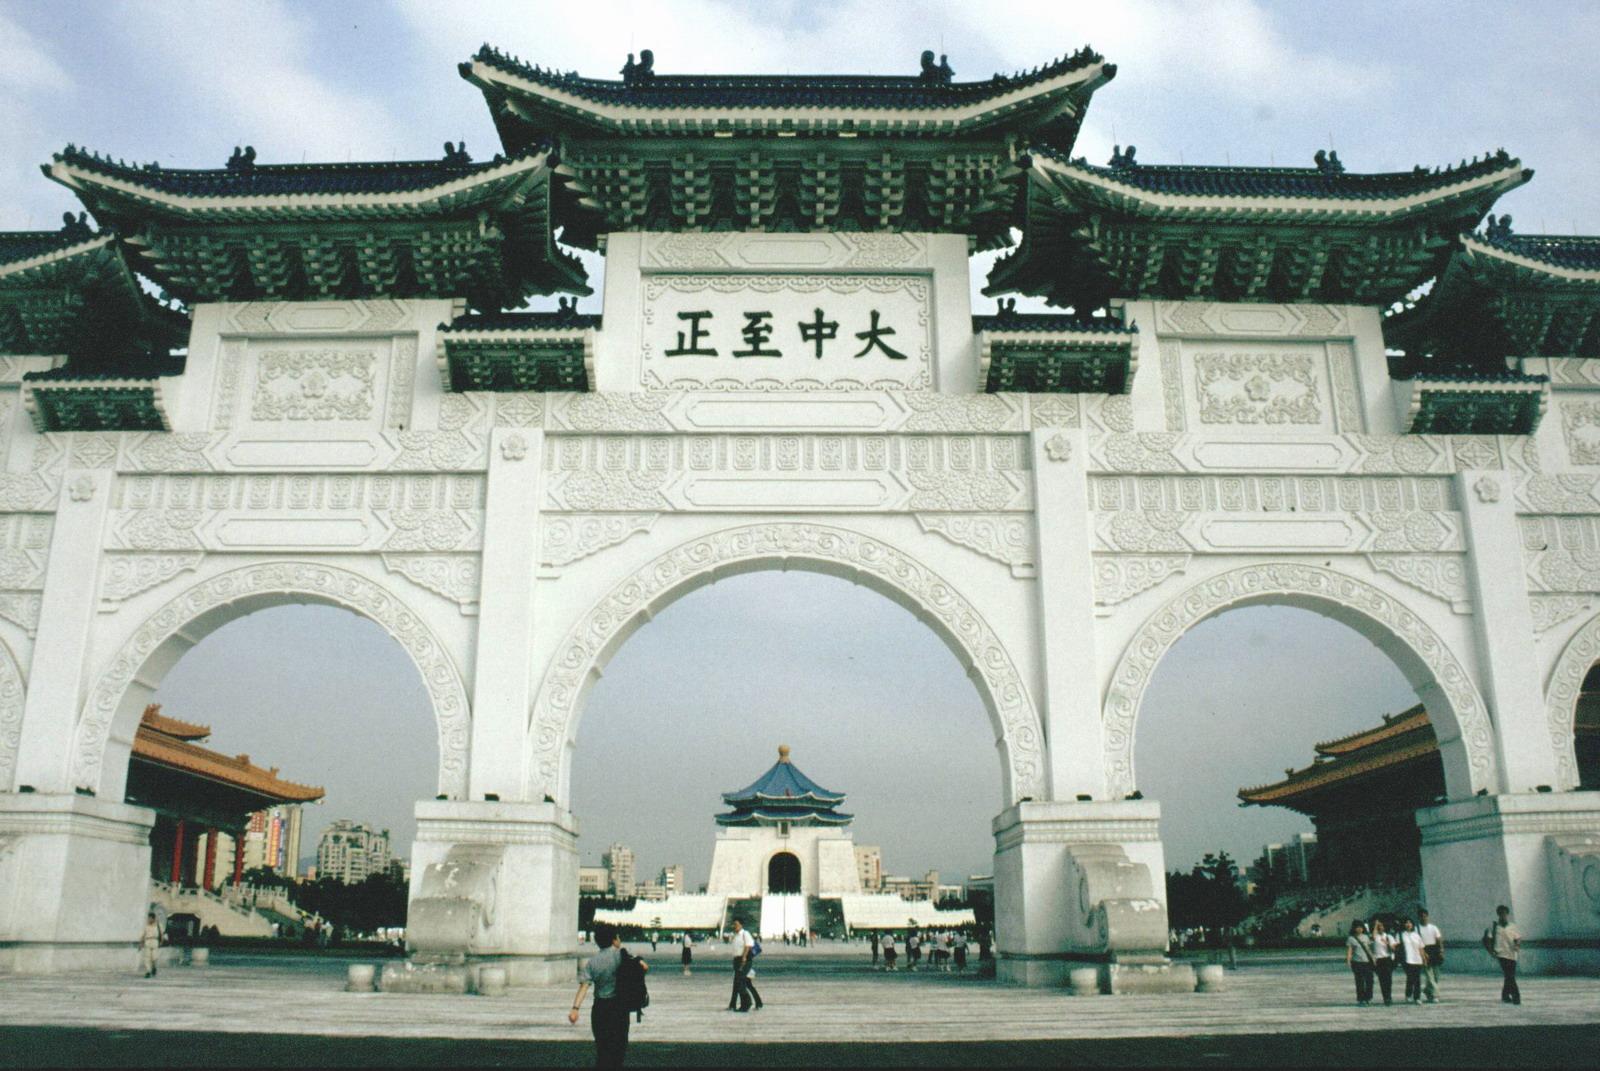 Thủ đô Đài Bắc – Tinh hoa du lịch Đài Loan